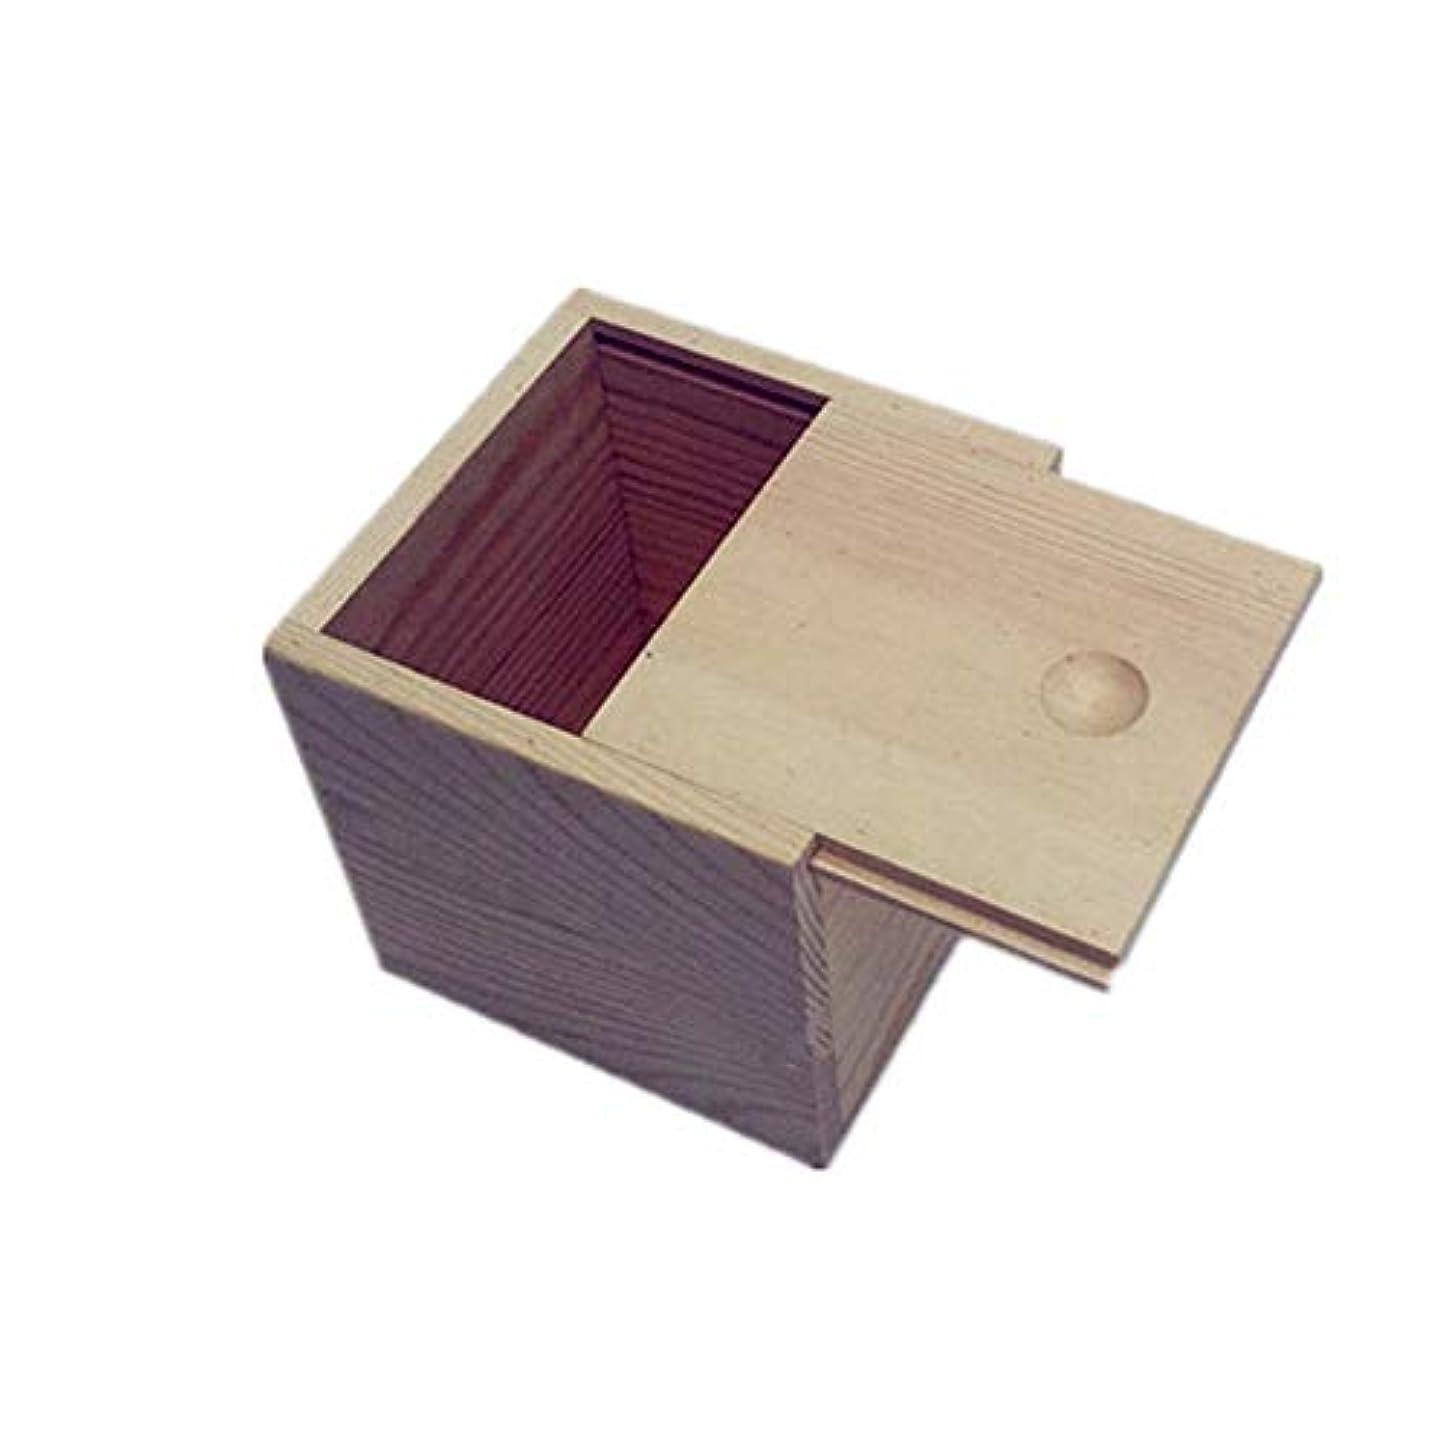 ケニア憲法リハーサルエッセンシャルオイルの保管 木製のエッセンシャルオイルストレージボックス安全なスペースセーバーあなたの油を維持するためのベスト (色 : Natural, サイズ : 9X9X5CM)